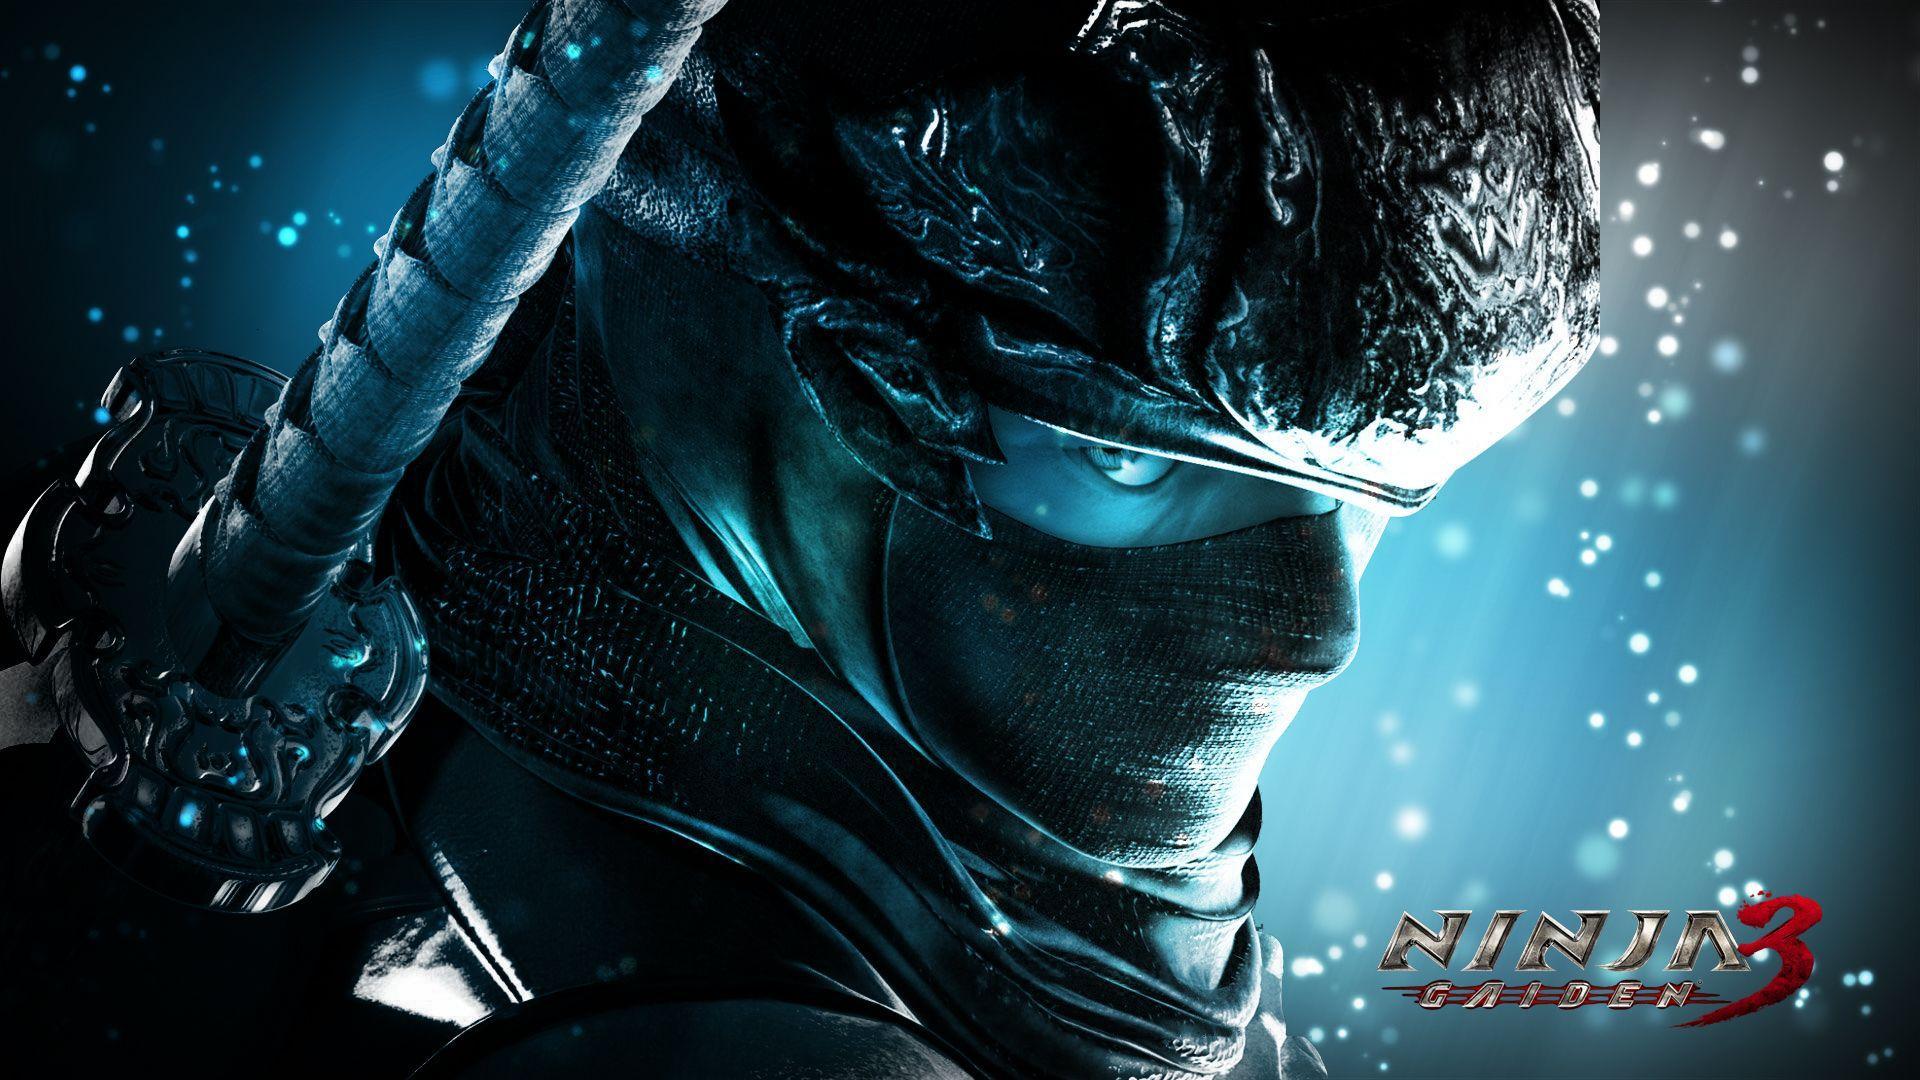 Game Ninja Gaiden Wallpaper: Wallpapers Ninja Gaiden